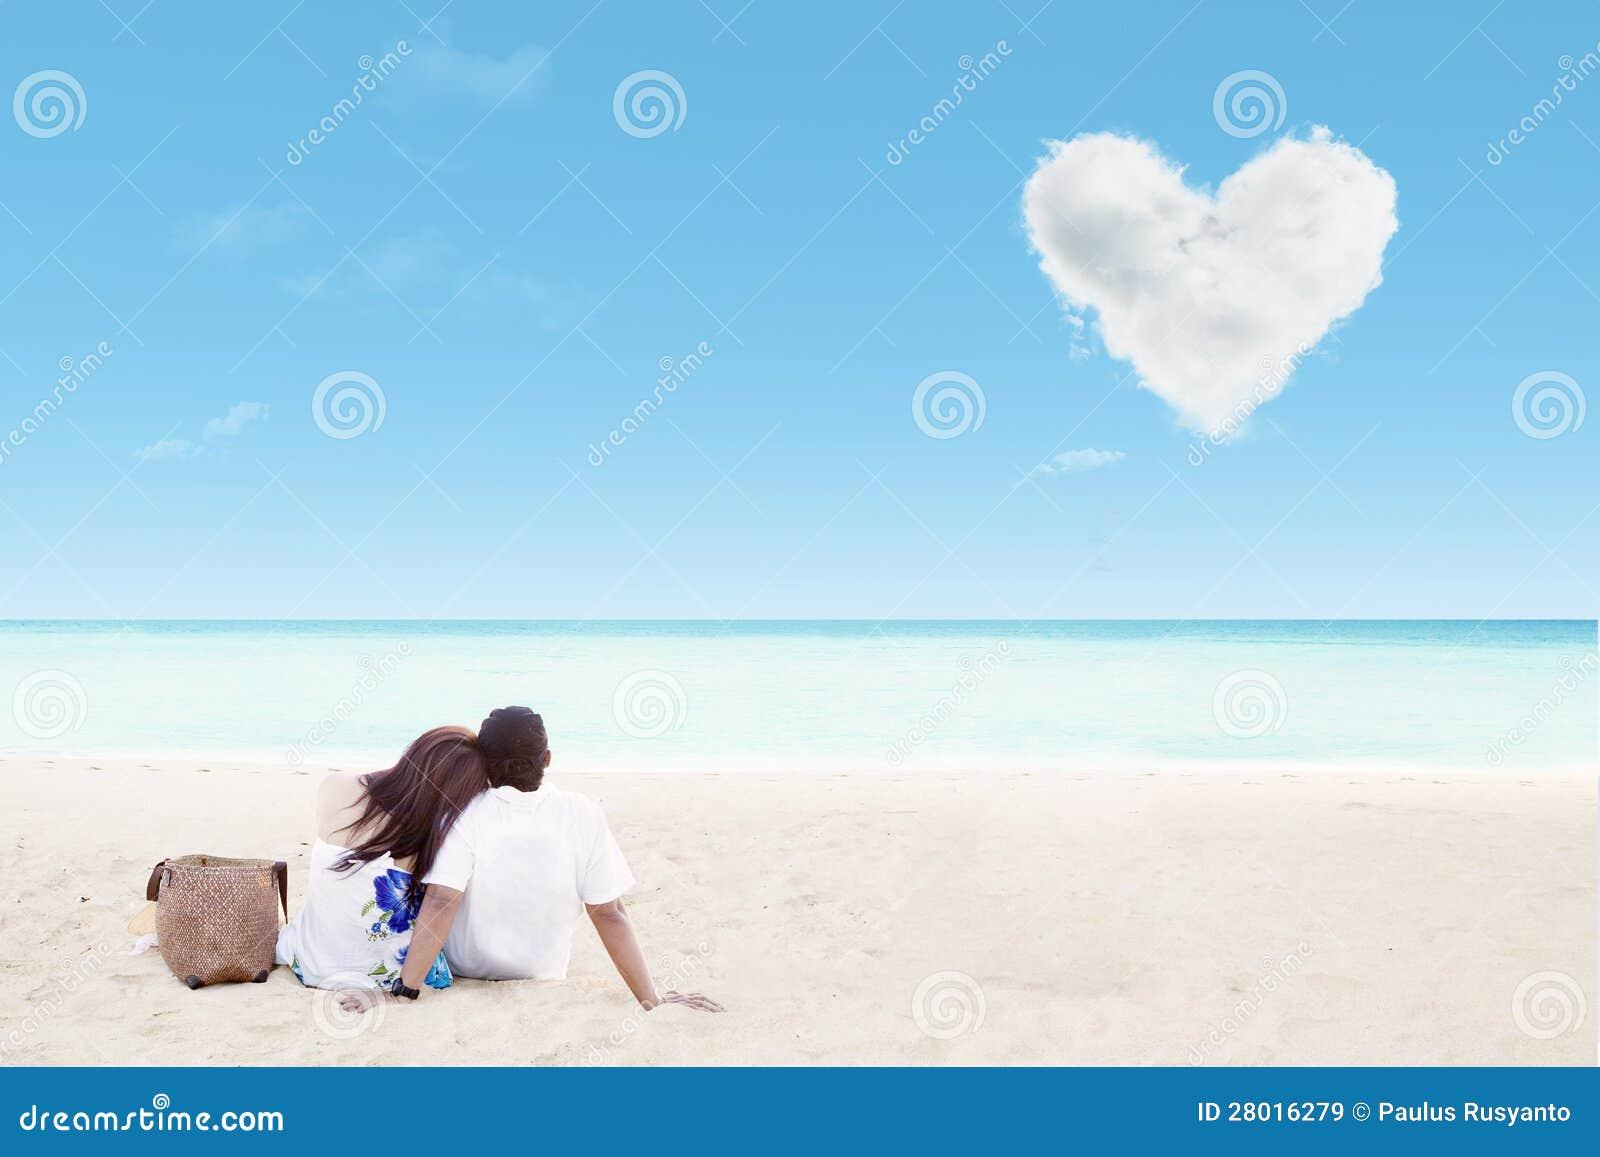 Disfrutar de luna de miel en la playa blanca de la arena